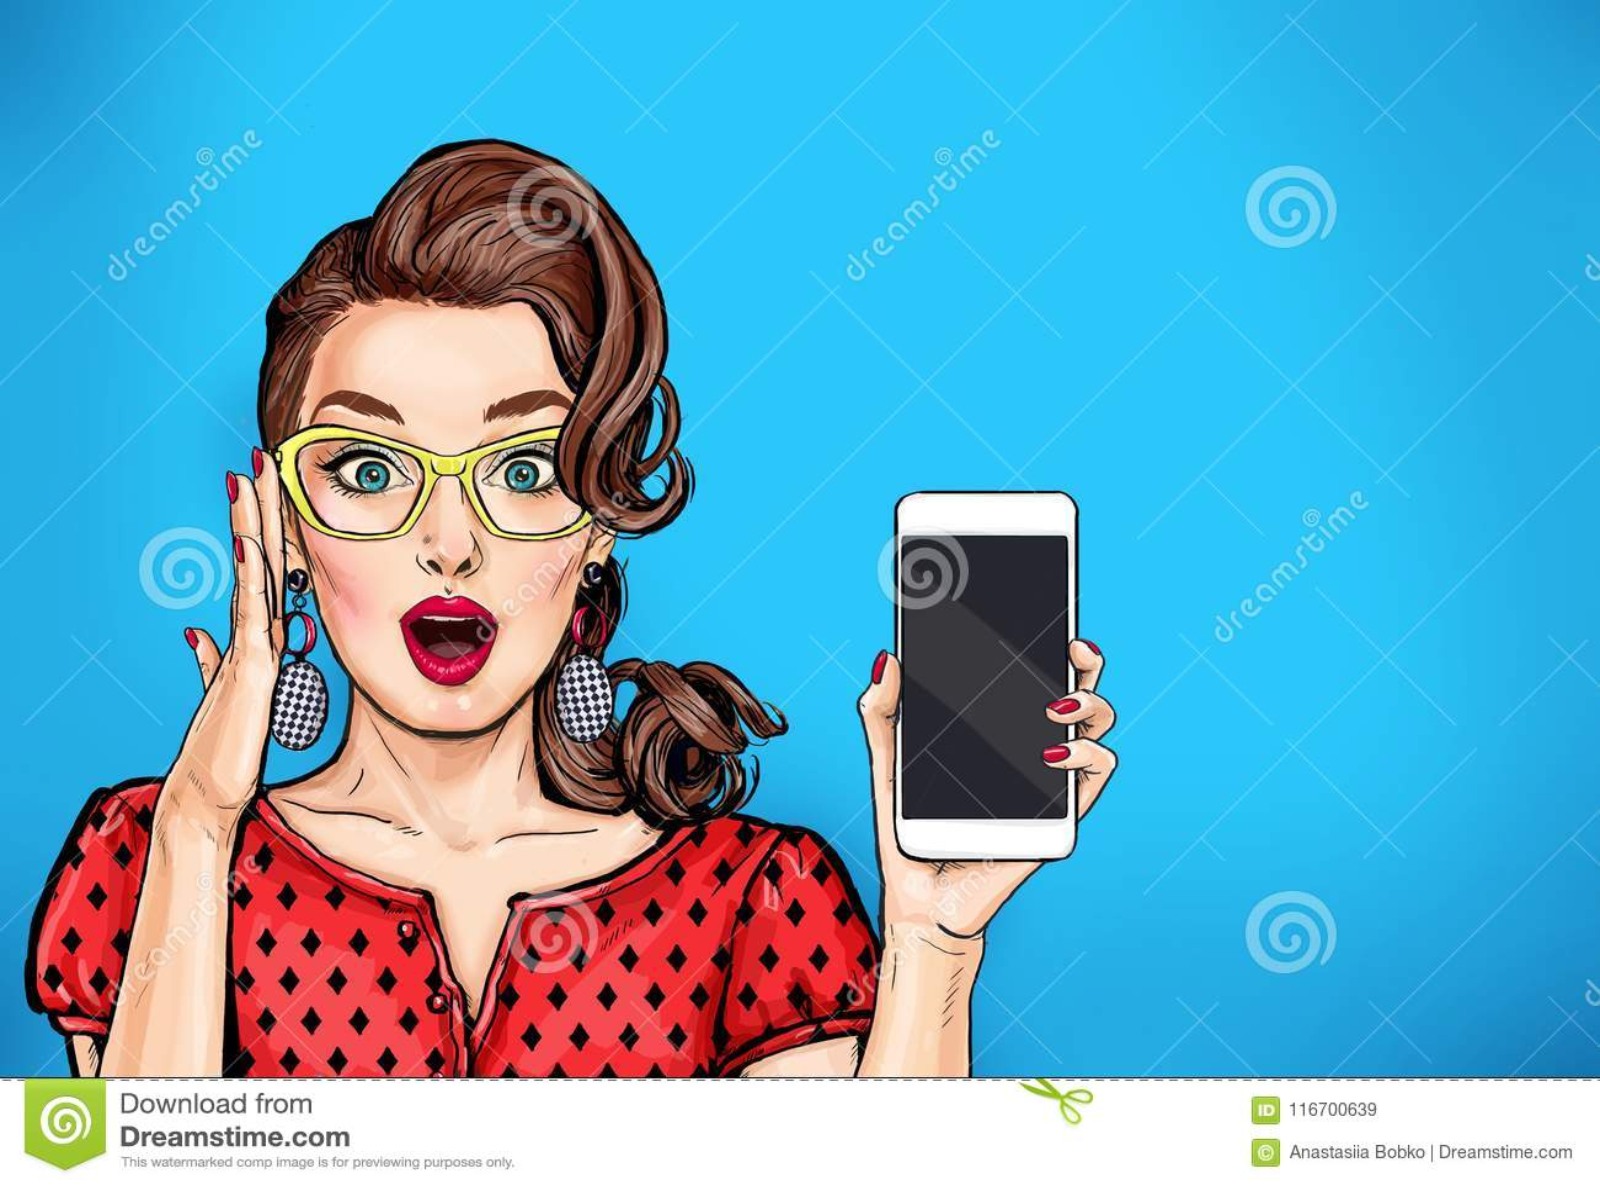 Привлекательная сексуальная девушка в спецификациях с телефоном в руке в шуточном стиле Женщина искусства шипучки